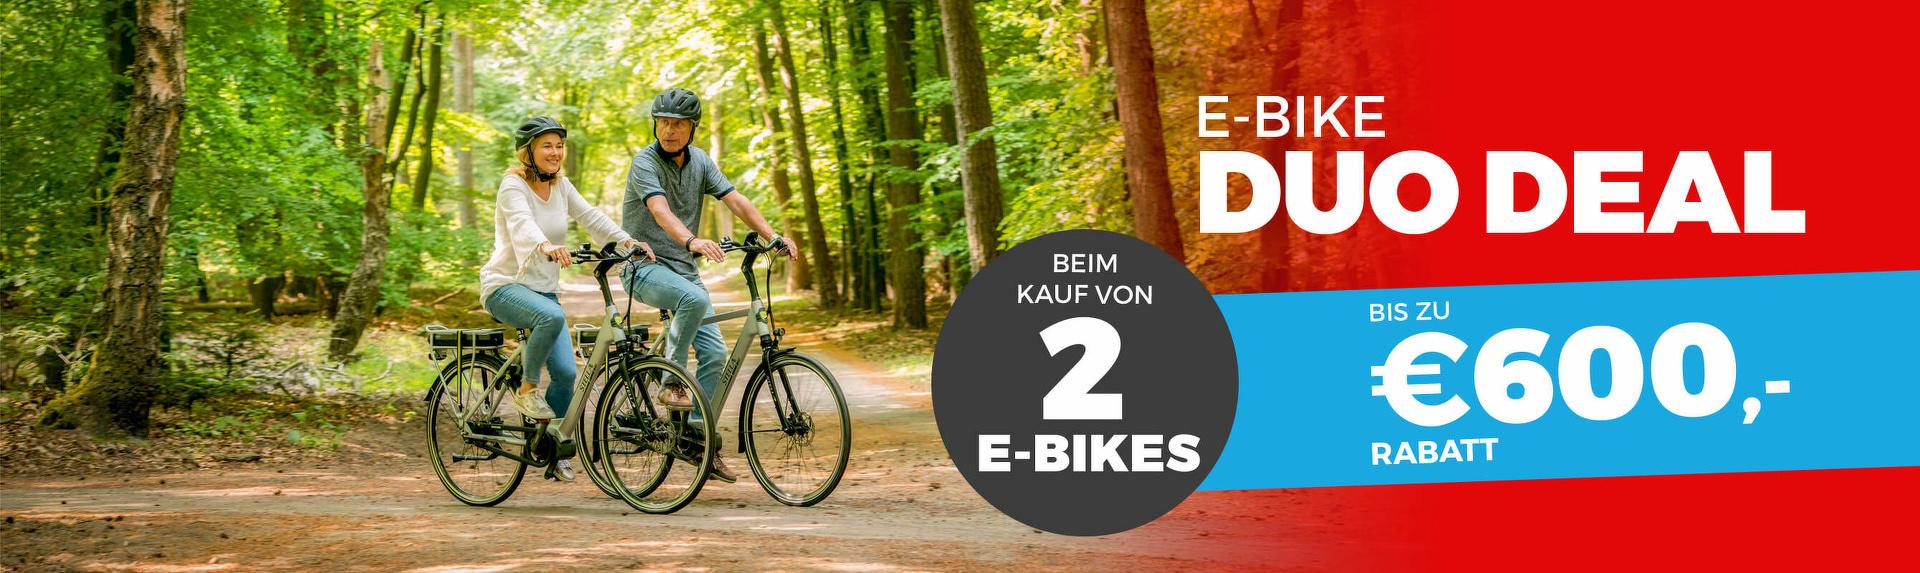 E-Bike Duo Deal